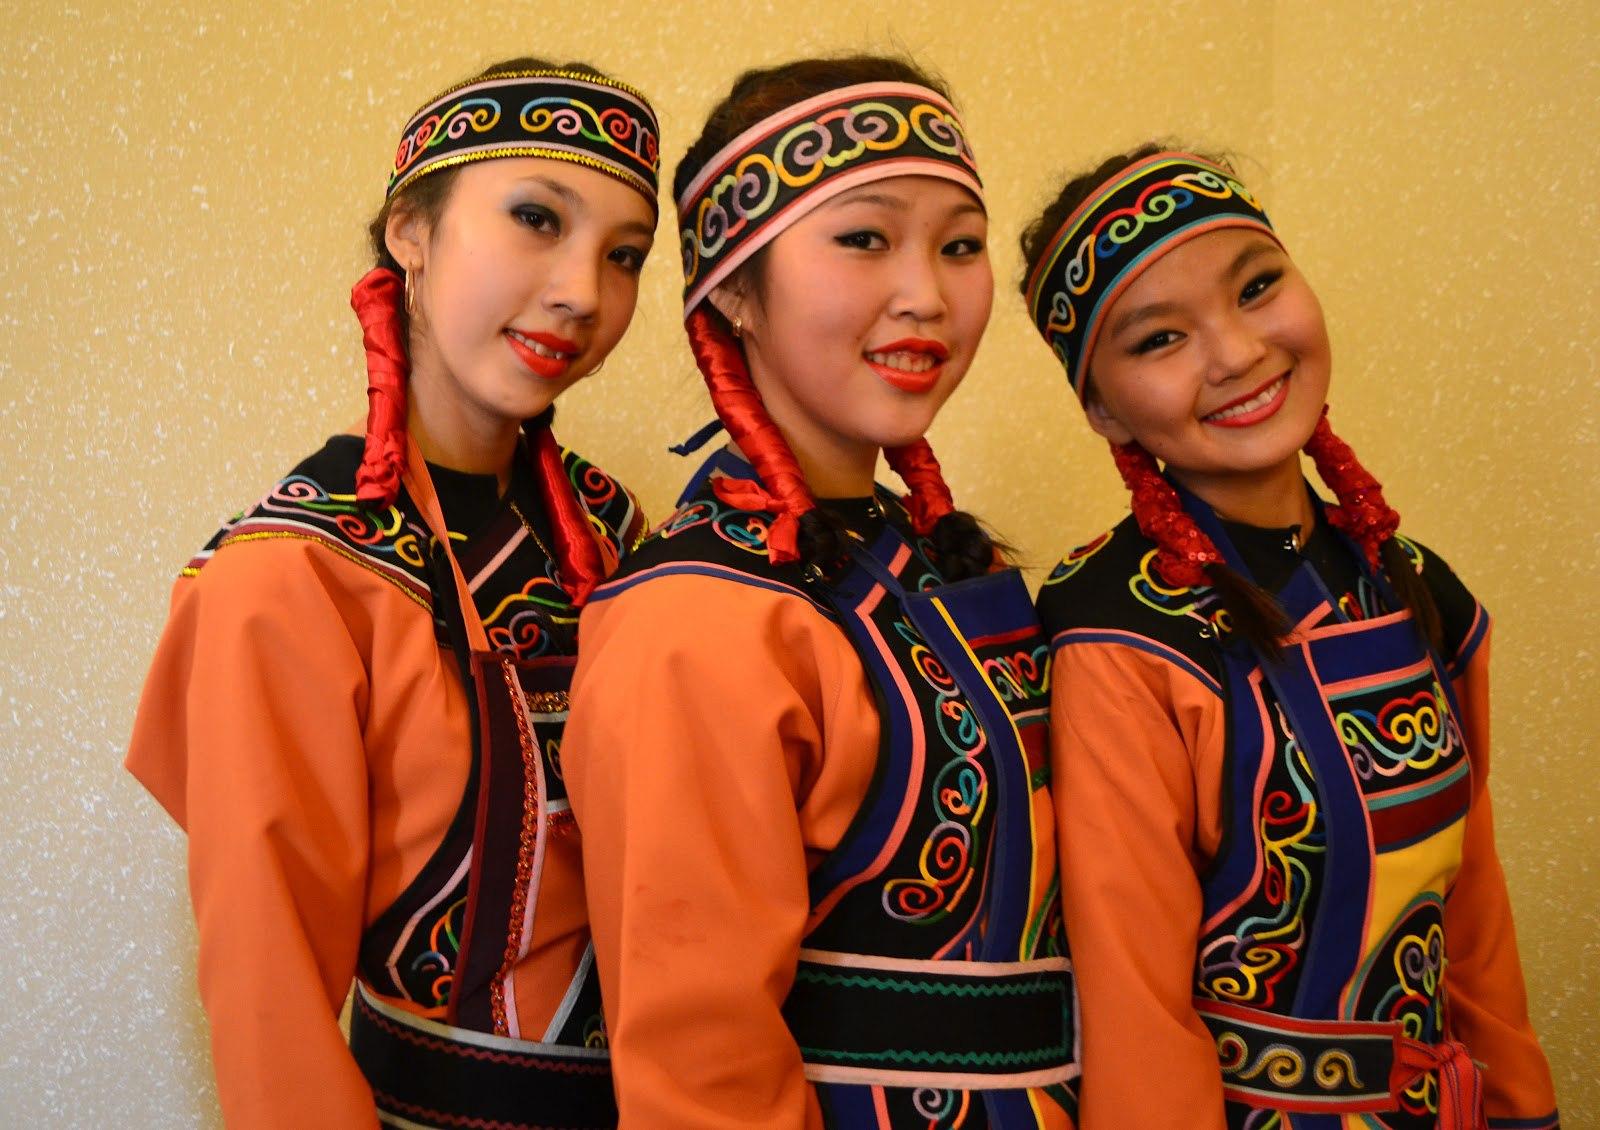 производители вышивка коренного населения дв новые